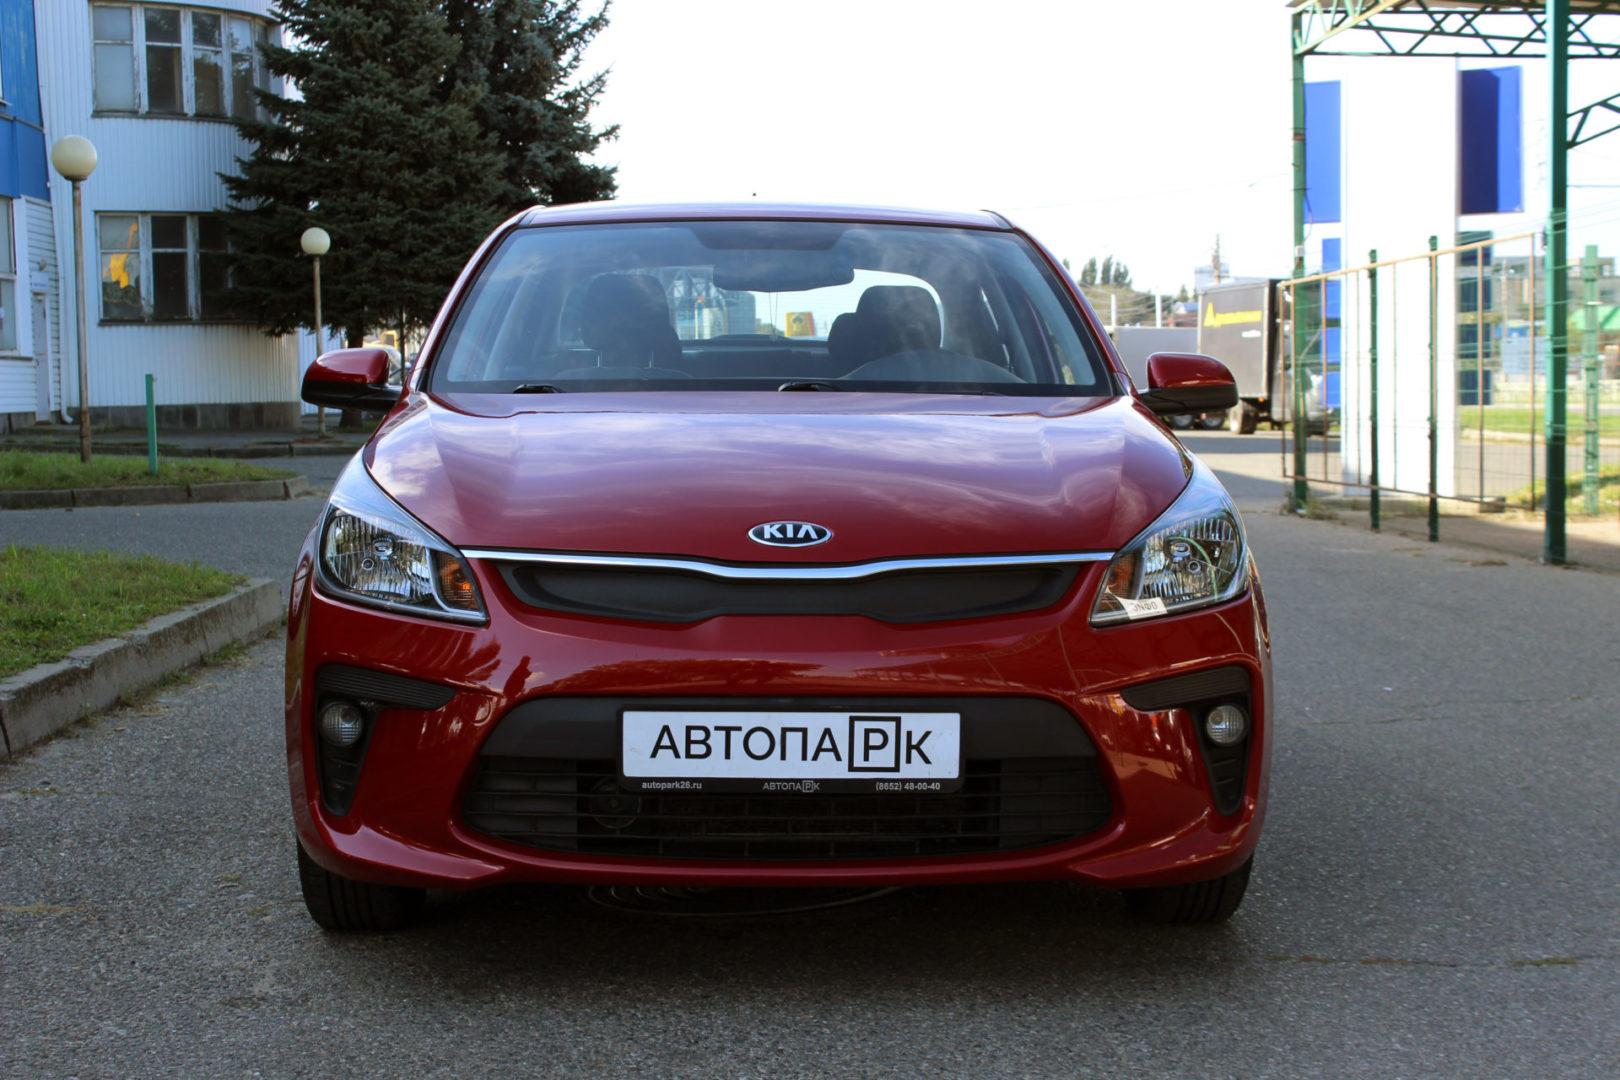 Купить Kia Rio (Красный) - Автопарк Ставрополь